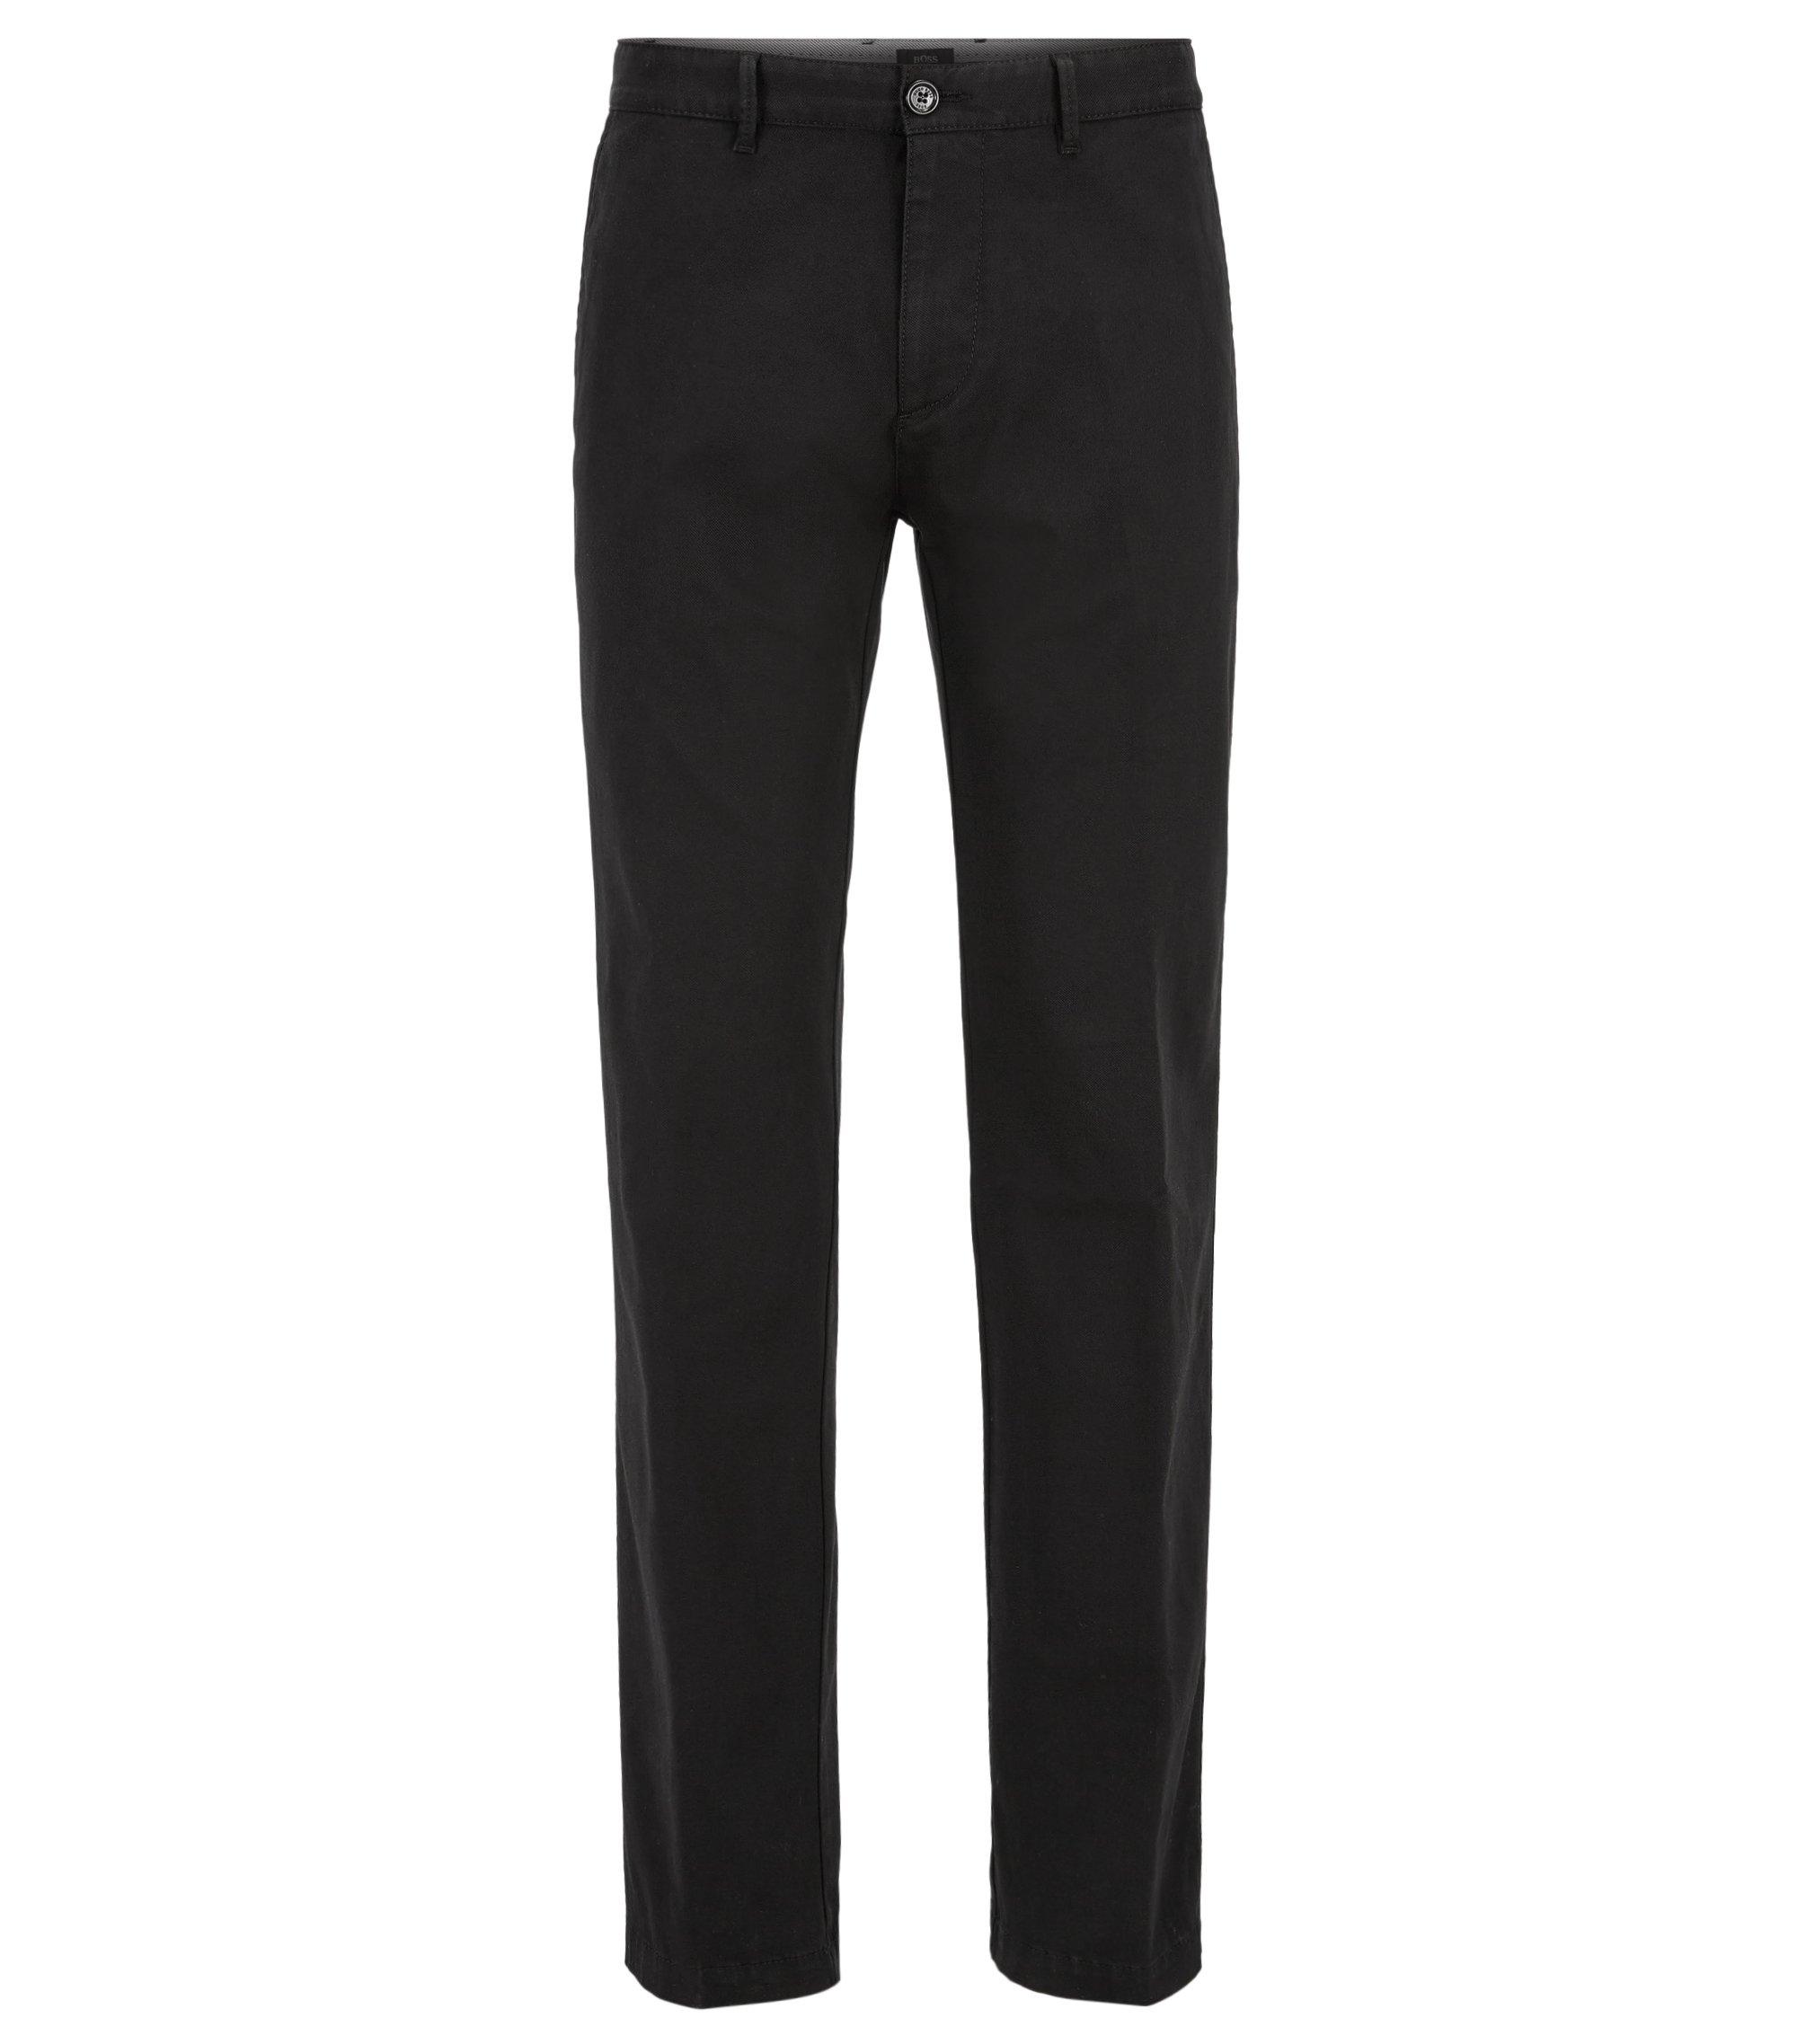 Stretch Cotton Twill Pant, Regular Fit | Crigan W, Black